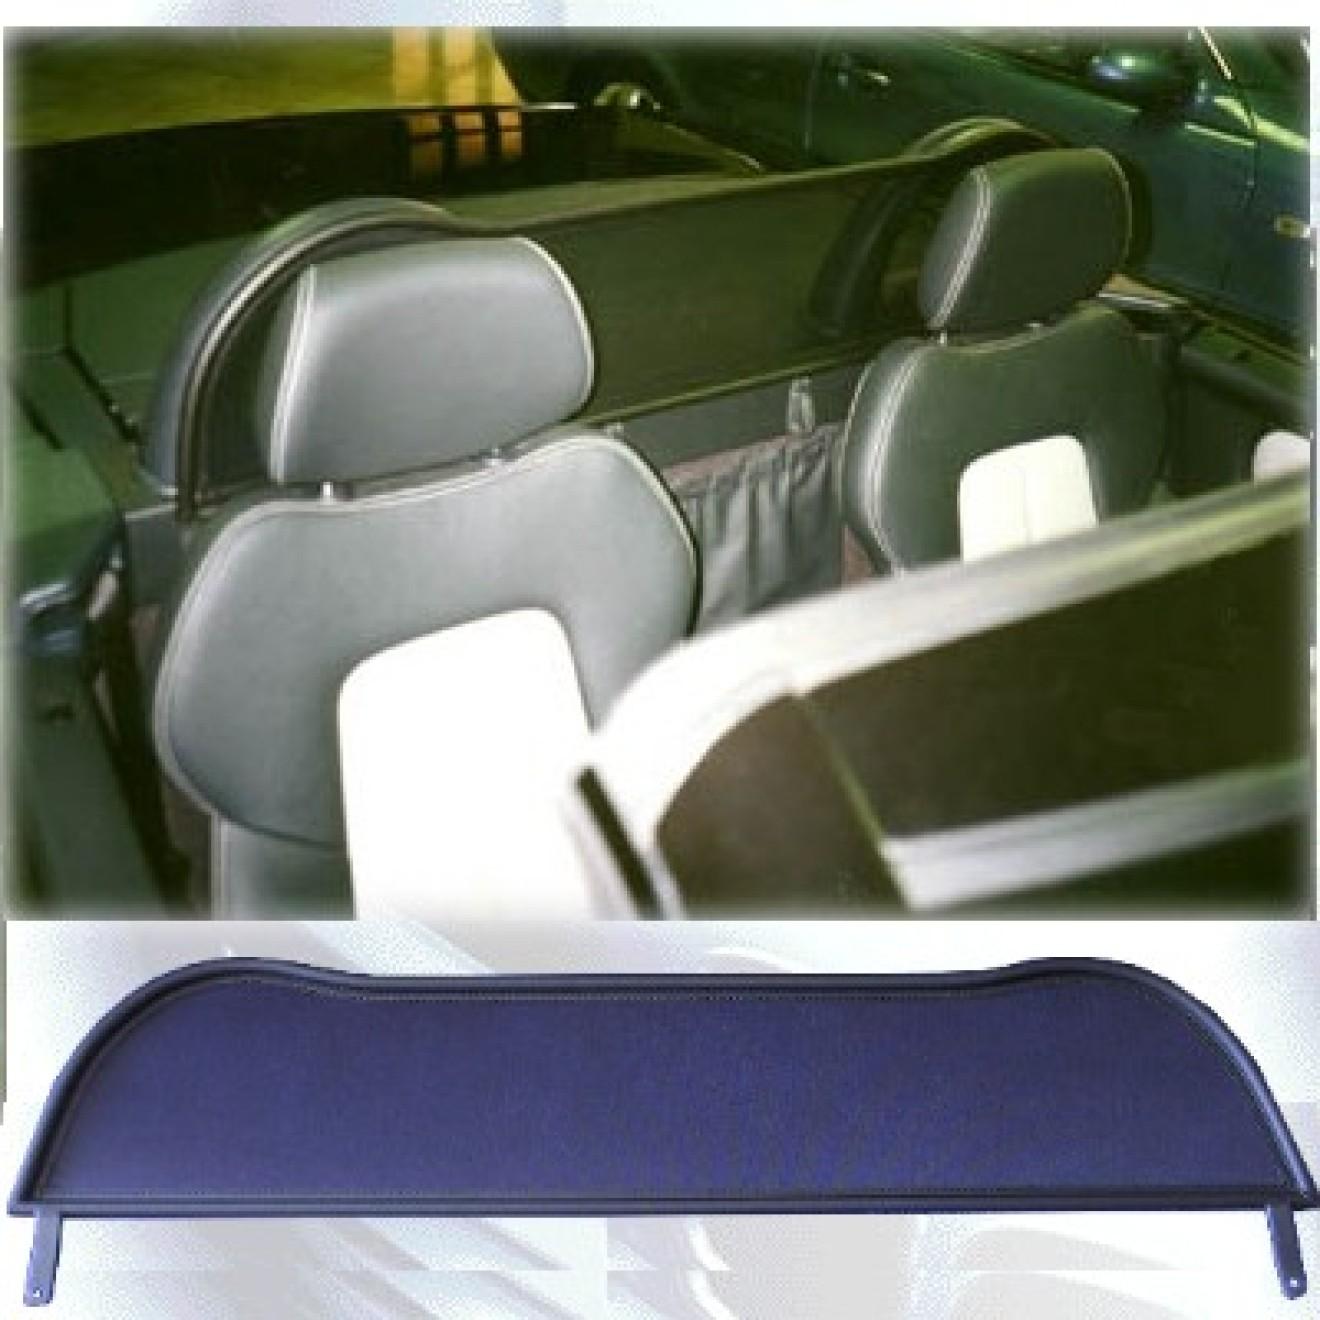 netz windschott f r mercedes slk r170. Black Bedroom Furniture Sets. Home Design Ideas